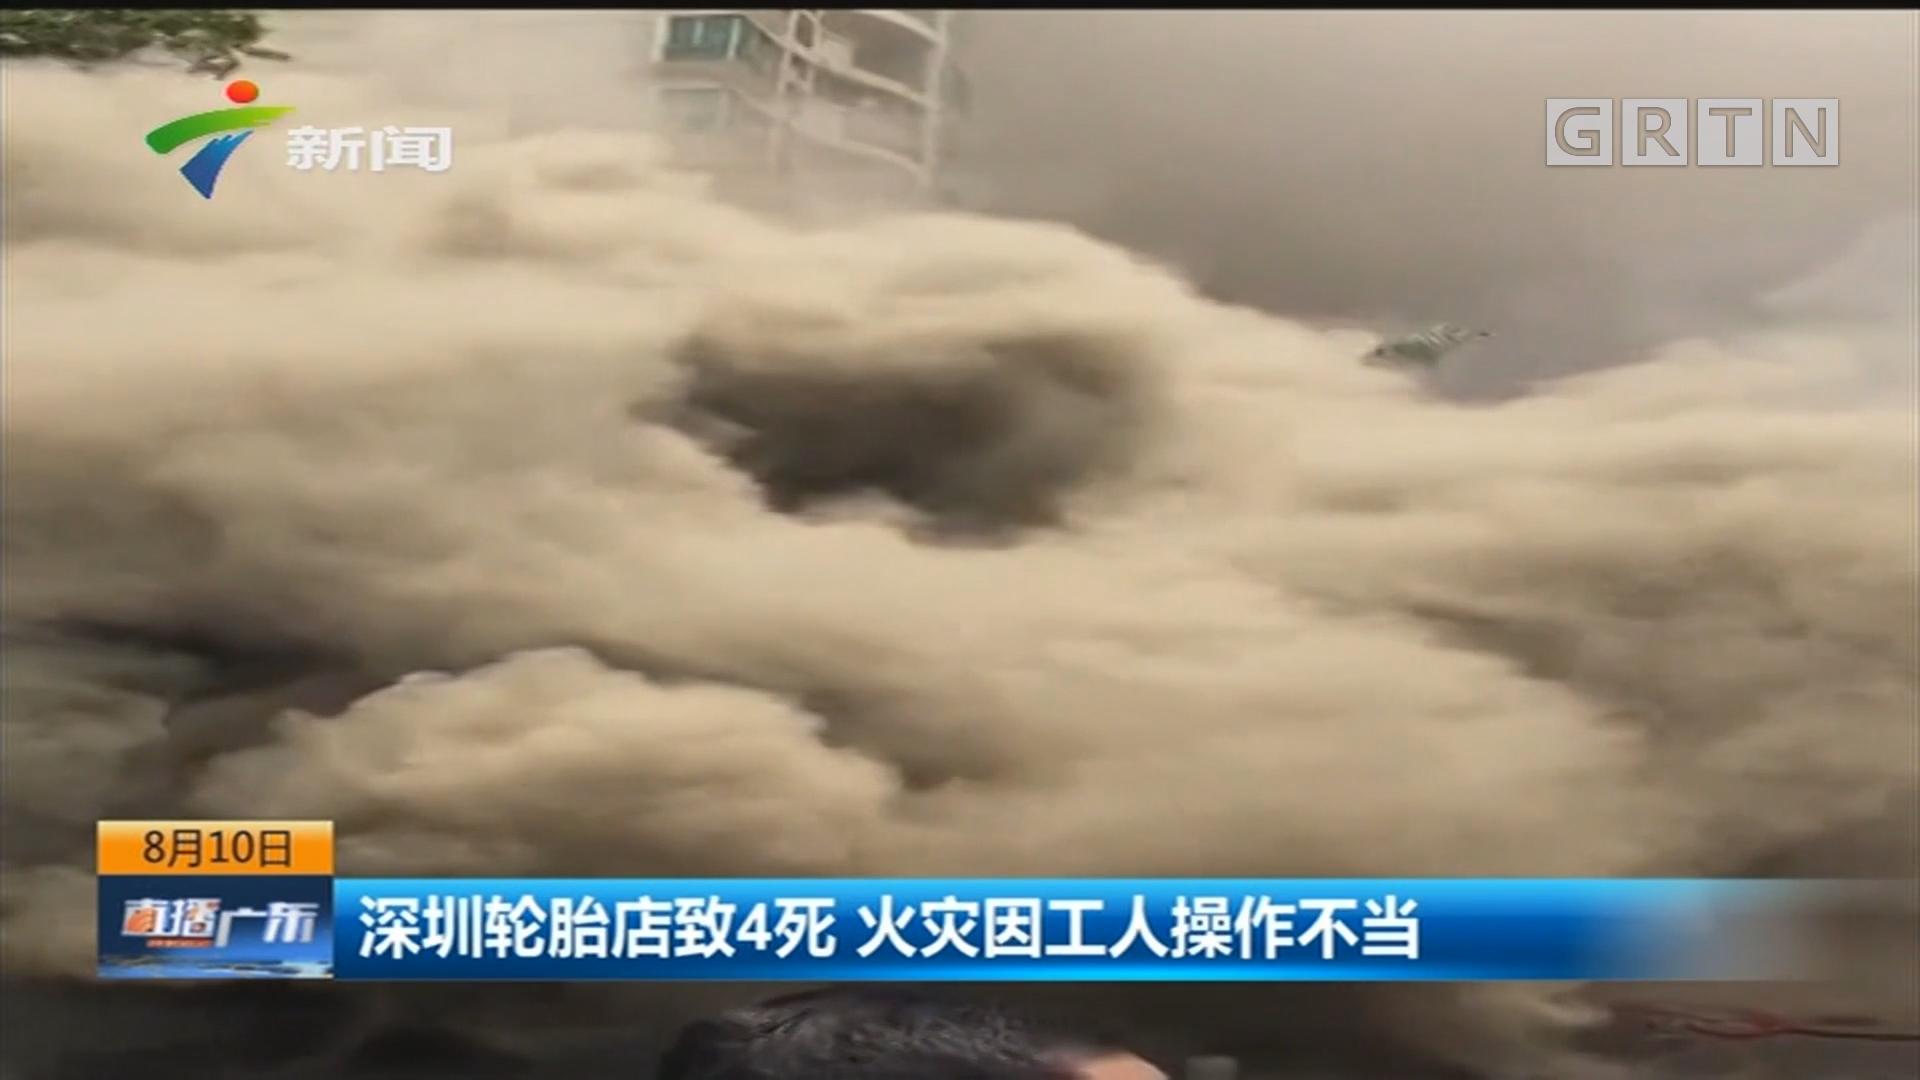 深圳轮胎店致4死 火灾因工人操作不当